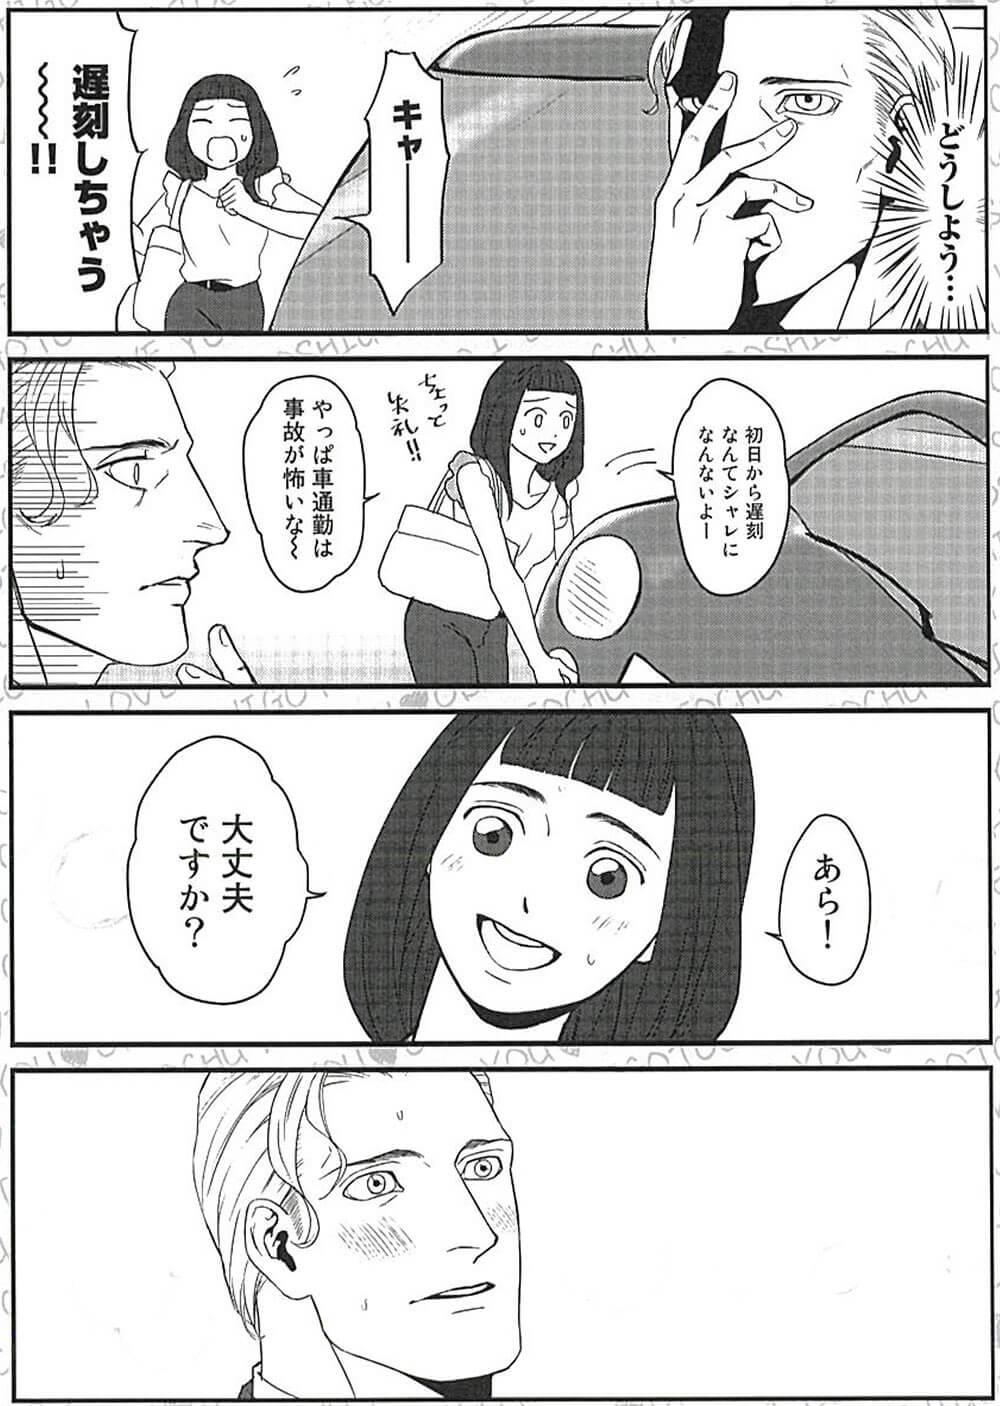 上司が新入社員に恋する漫画1-2